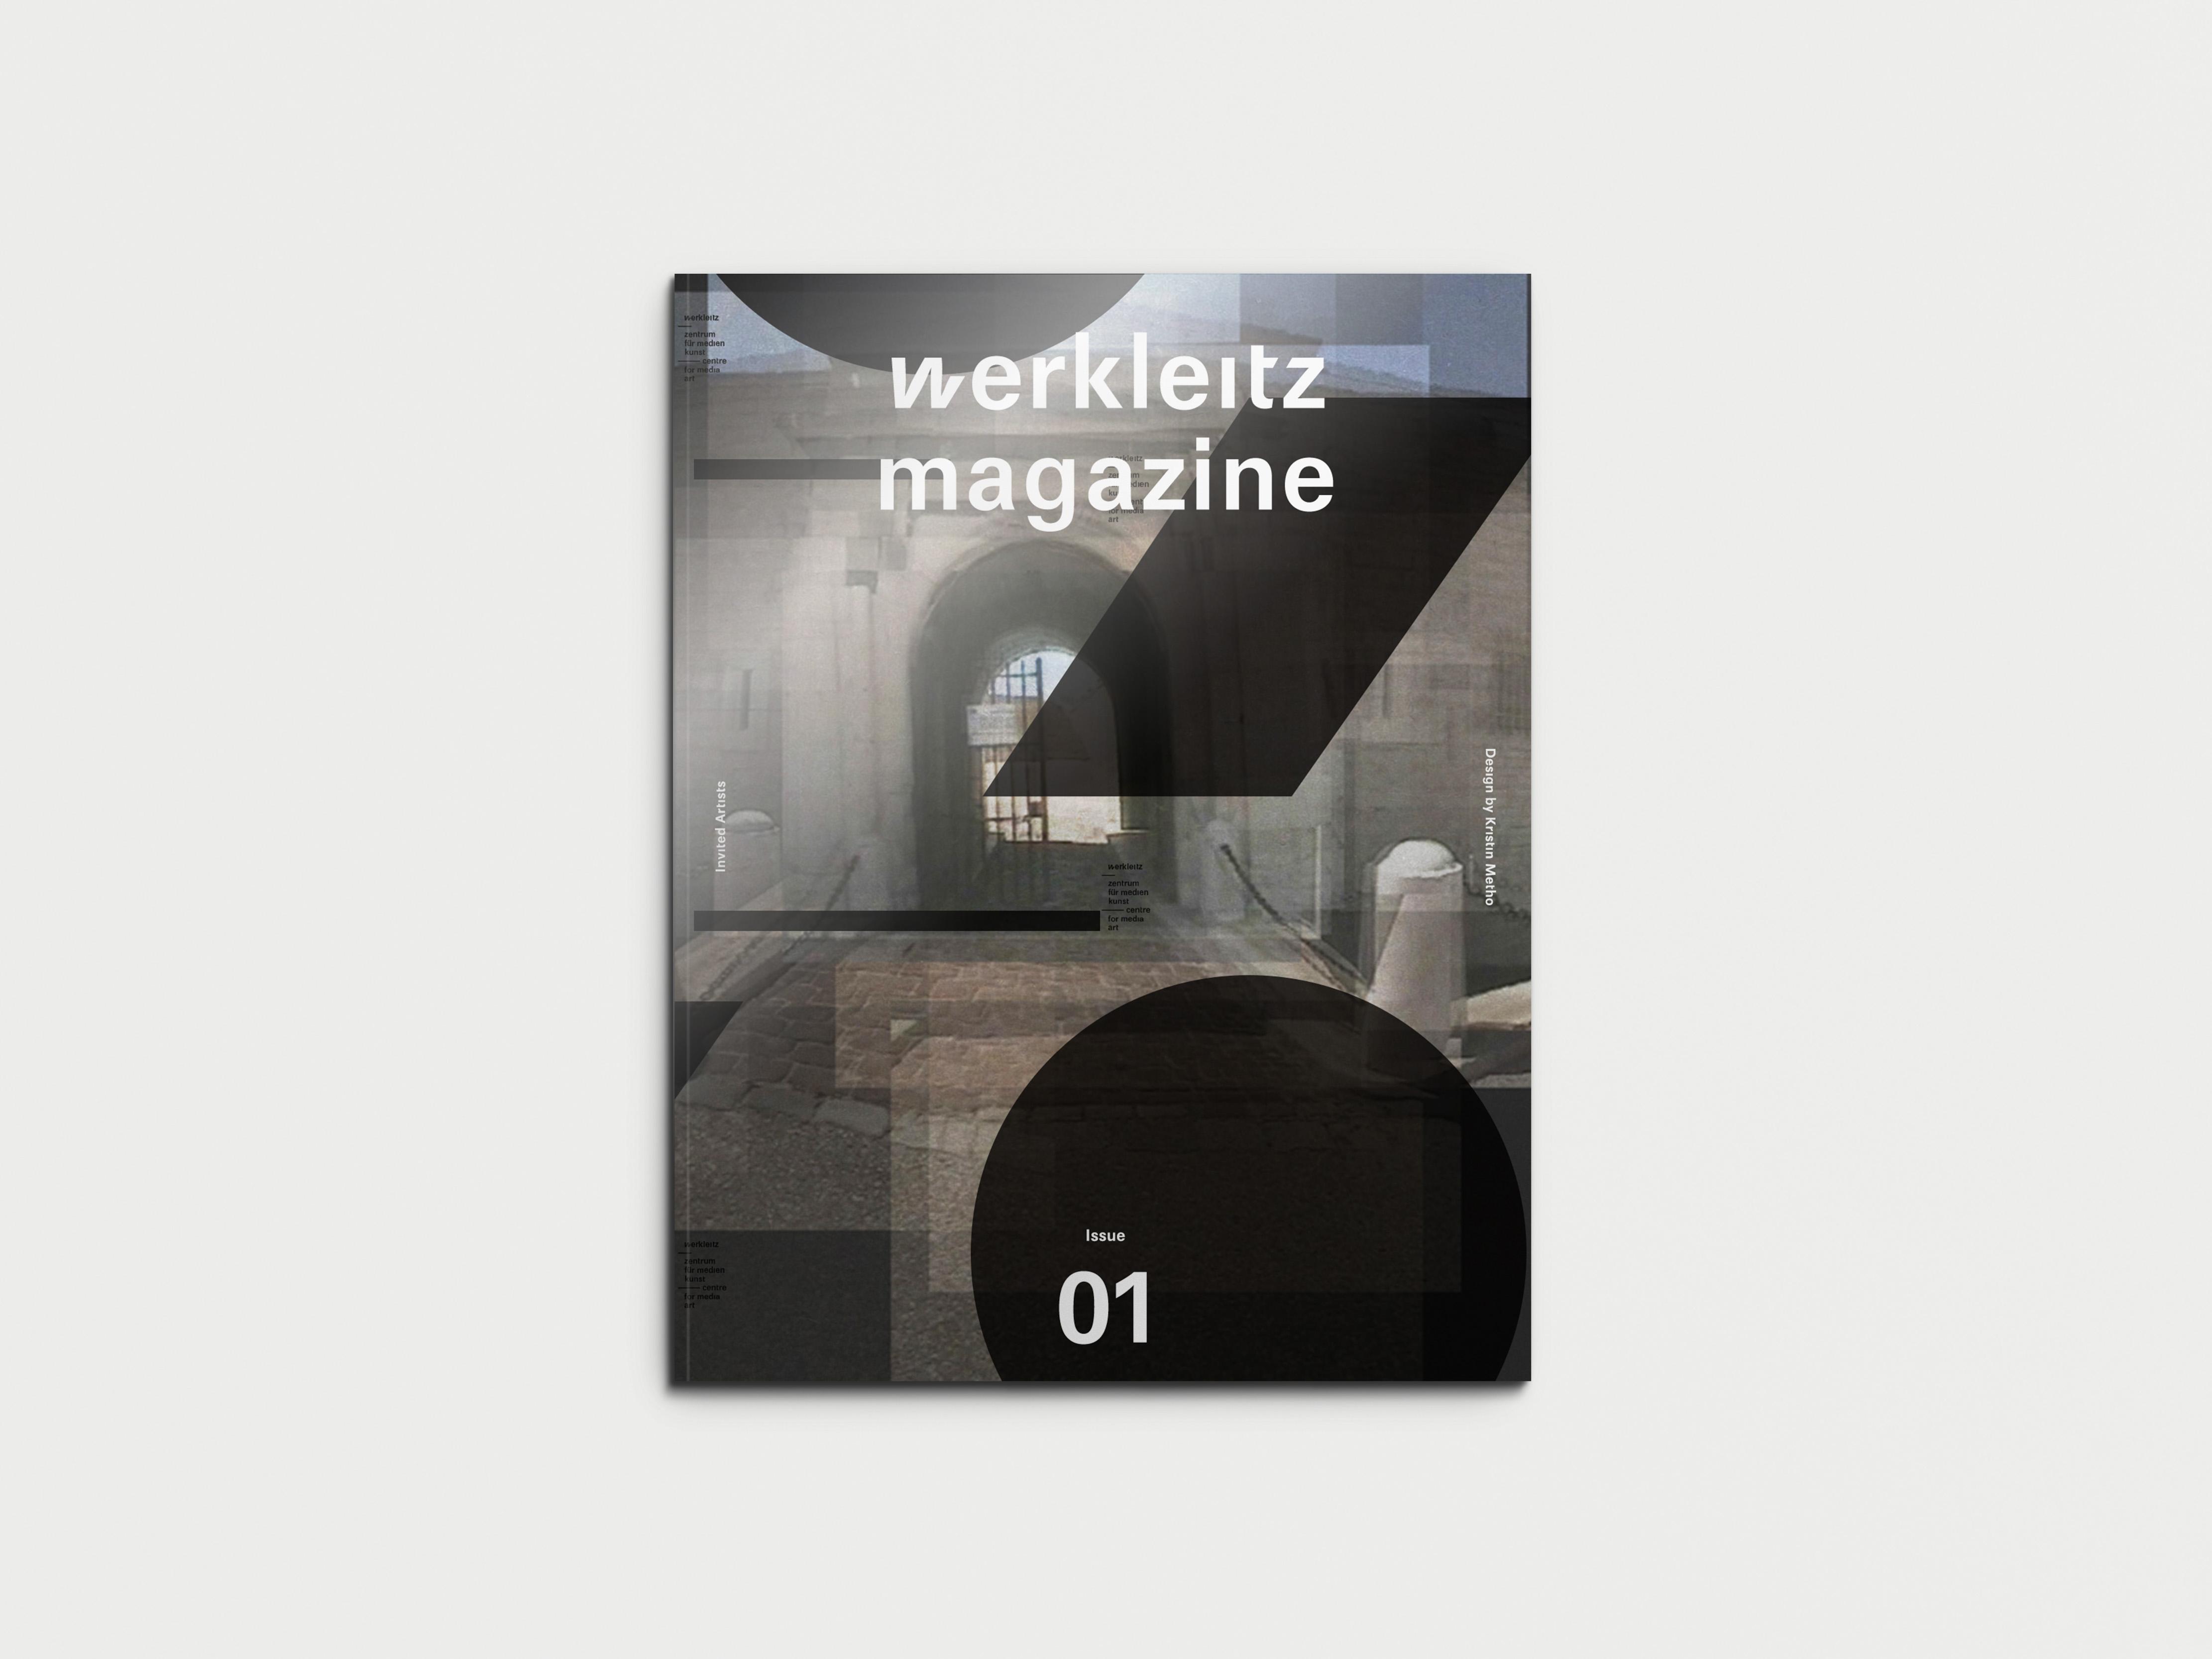 werkleitz_magazineCover_Marcel Lunkwitz